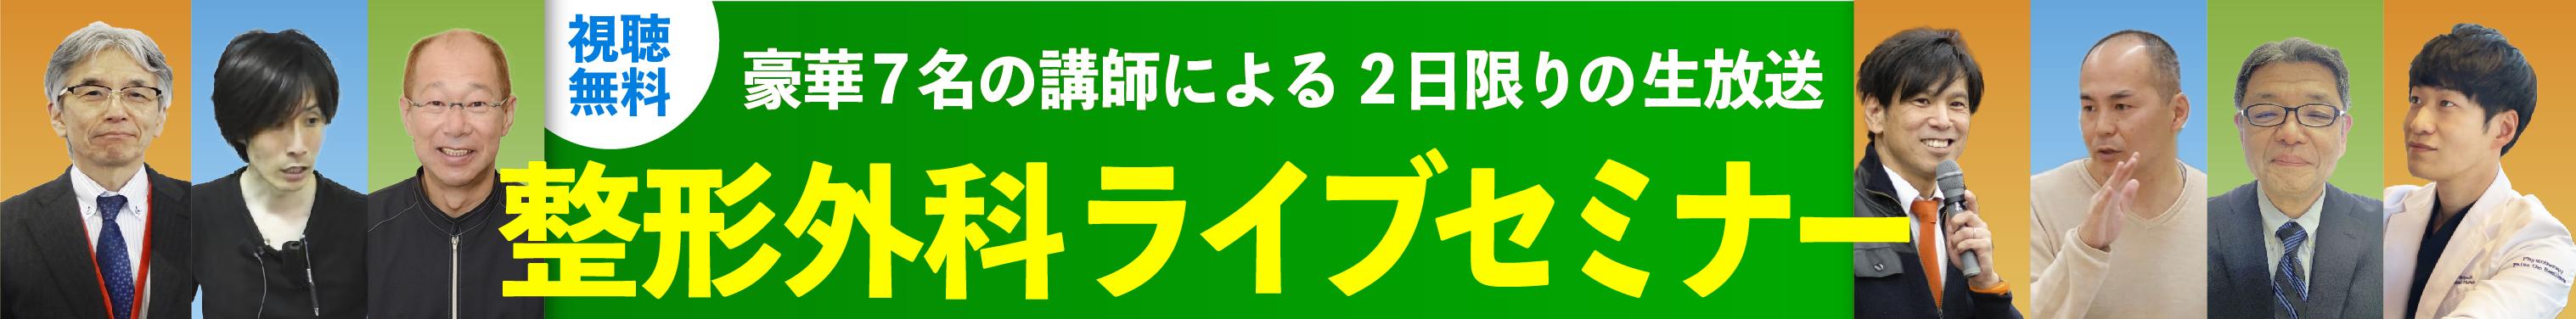 『整形LIVE』 配信のお知らせ